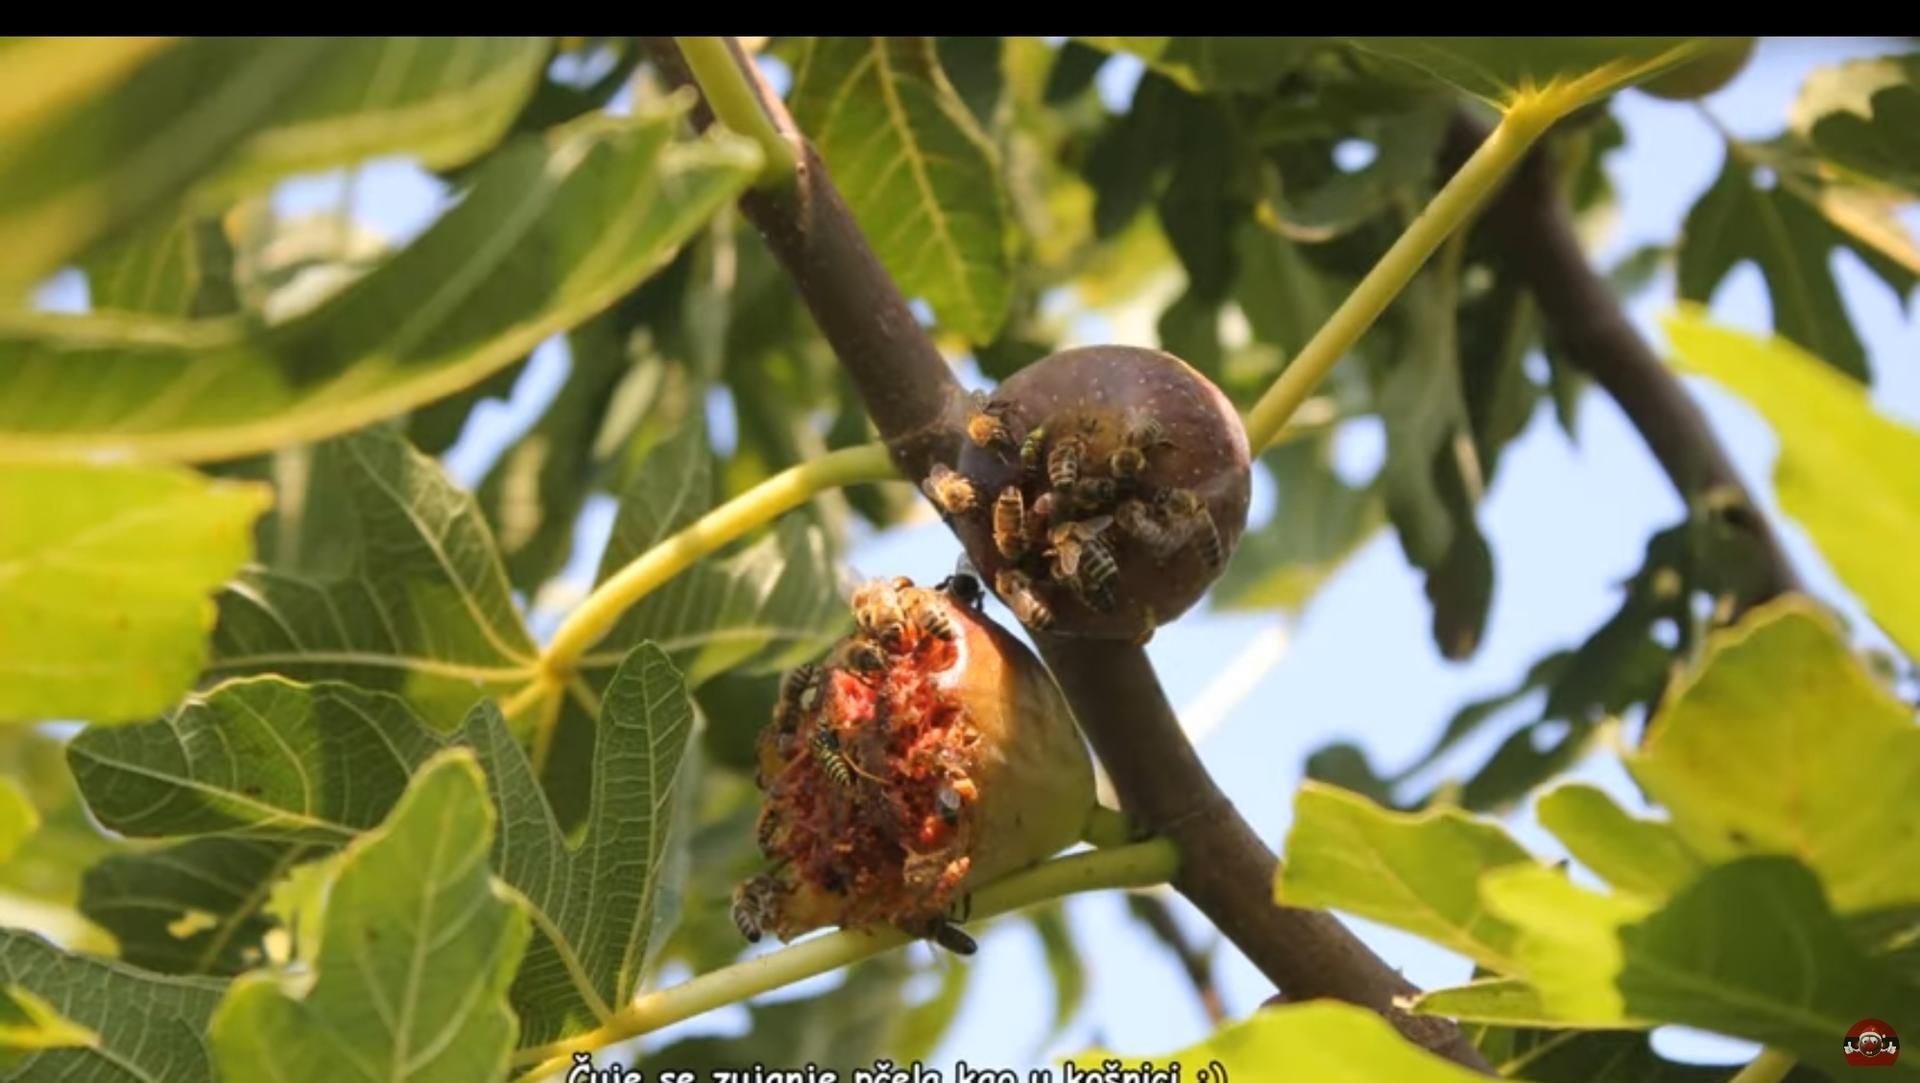 Škodcovia,alebo pomocníci,takto včely a... - Obrázok č. 3